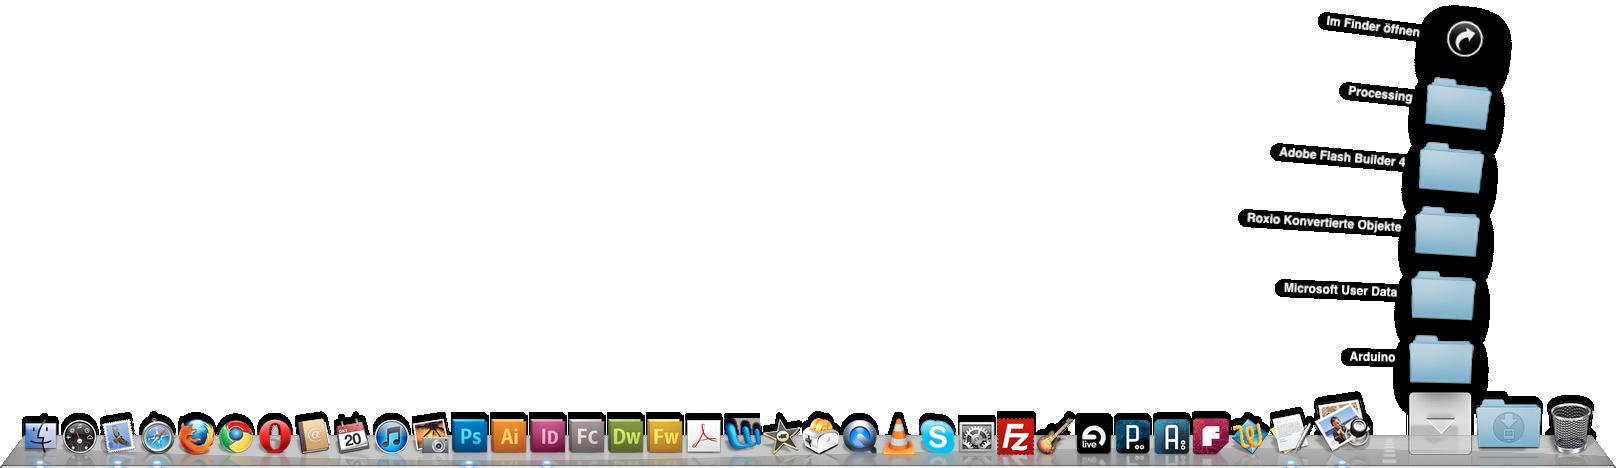 Desktop Metaphor